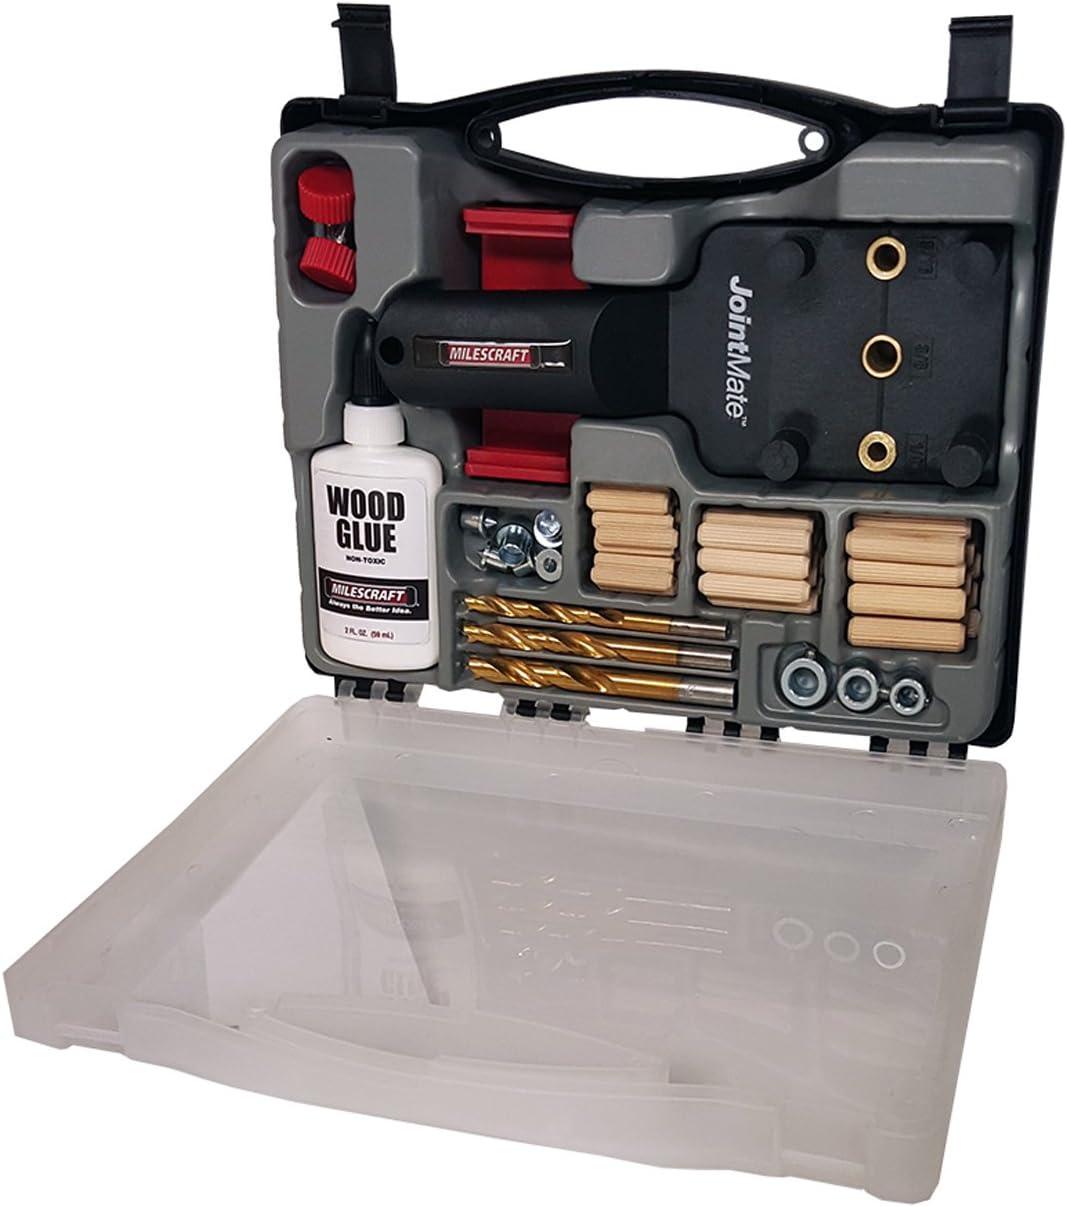 best dowel jig: Milescraft 1309 DowelJigKit - Every woodworker needs this kit